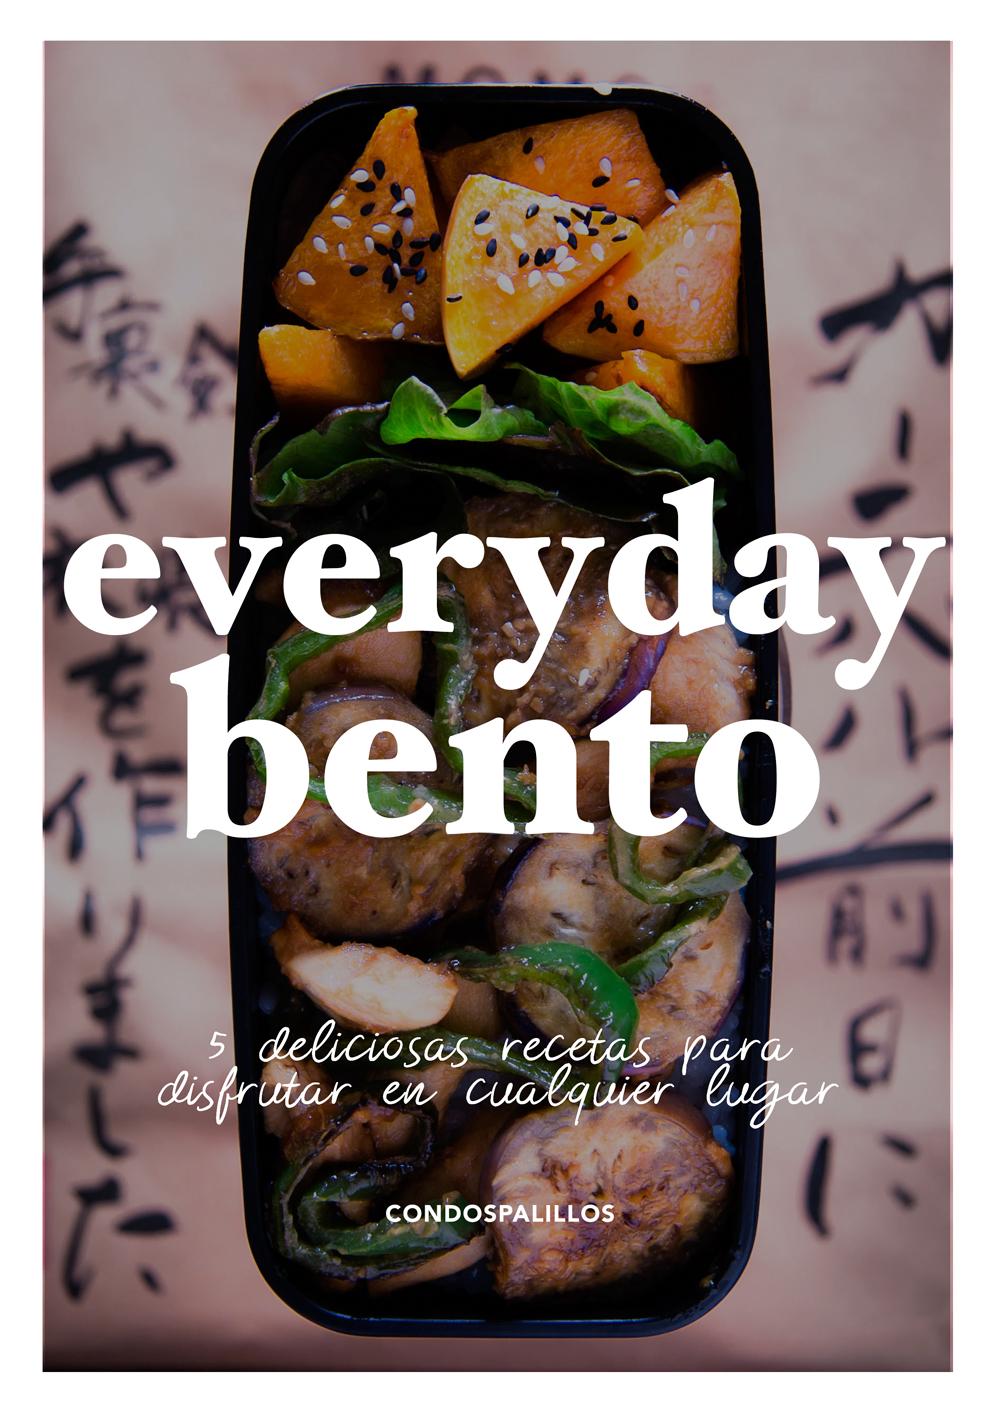 Subscríbete a la newsletter y consigue gratis este maravilloso ebook con recetas para hacer bentos.